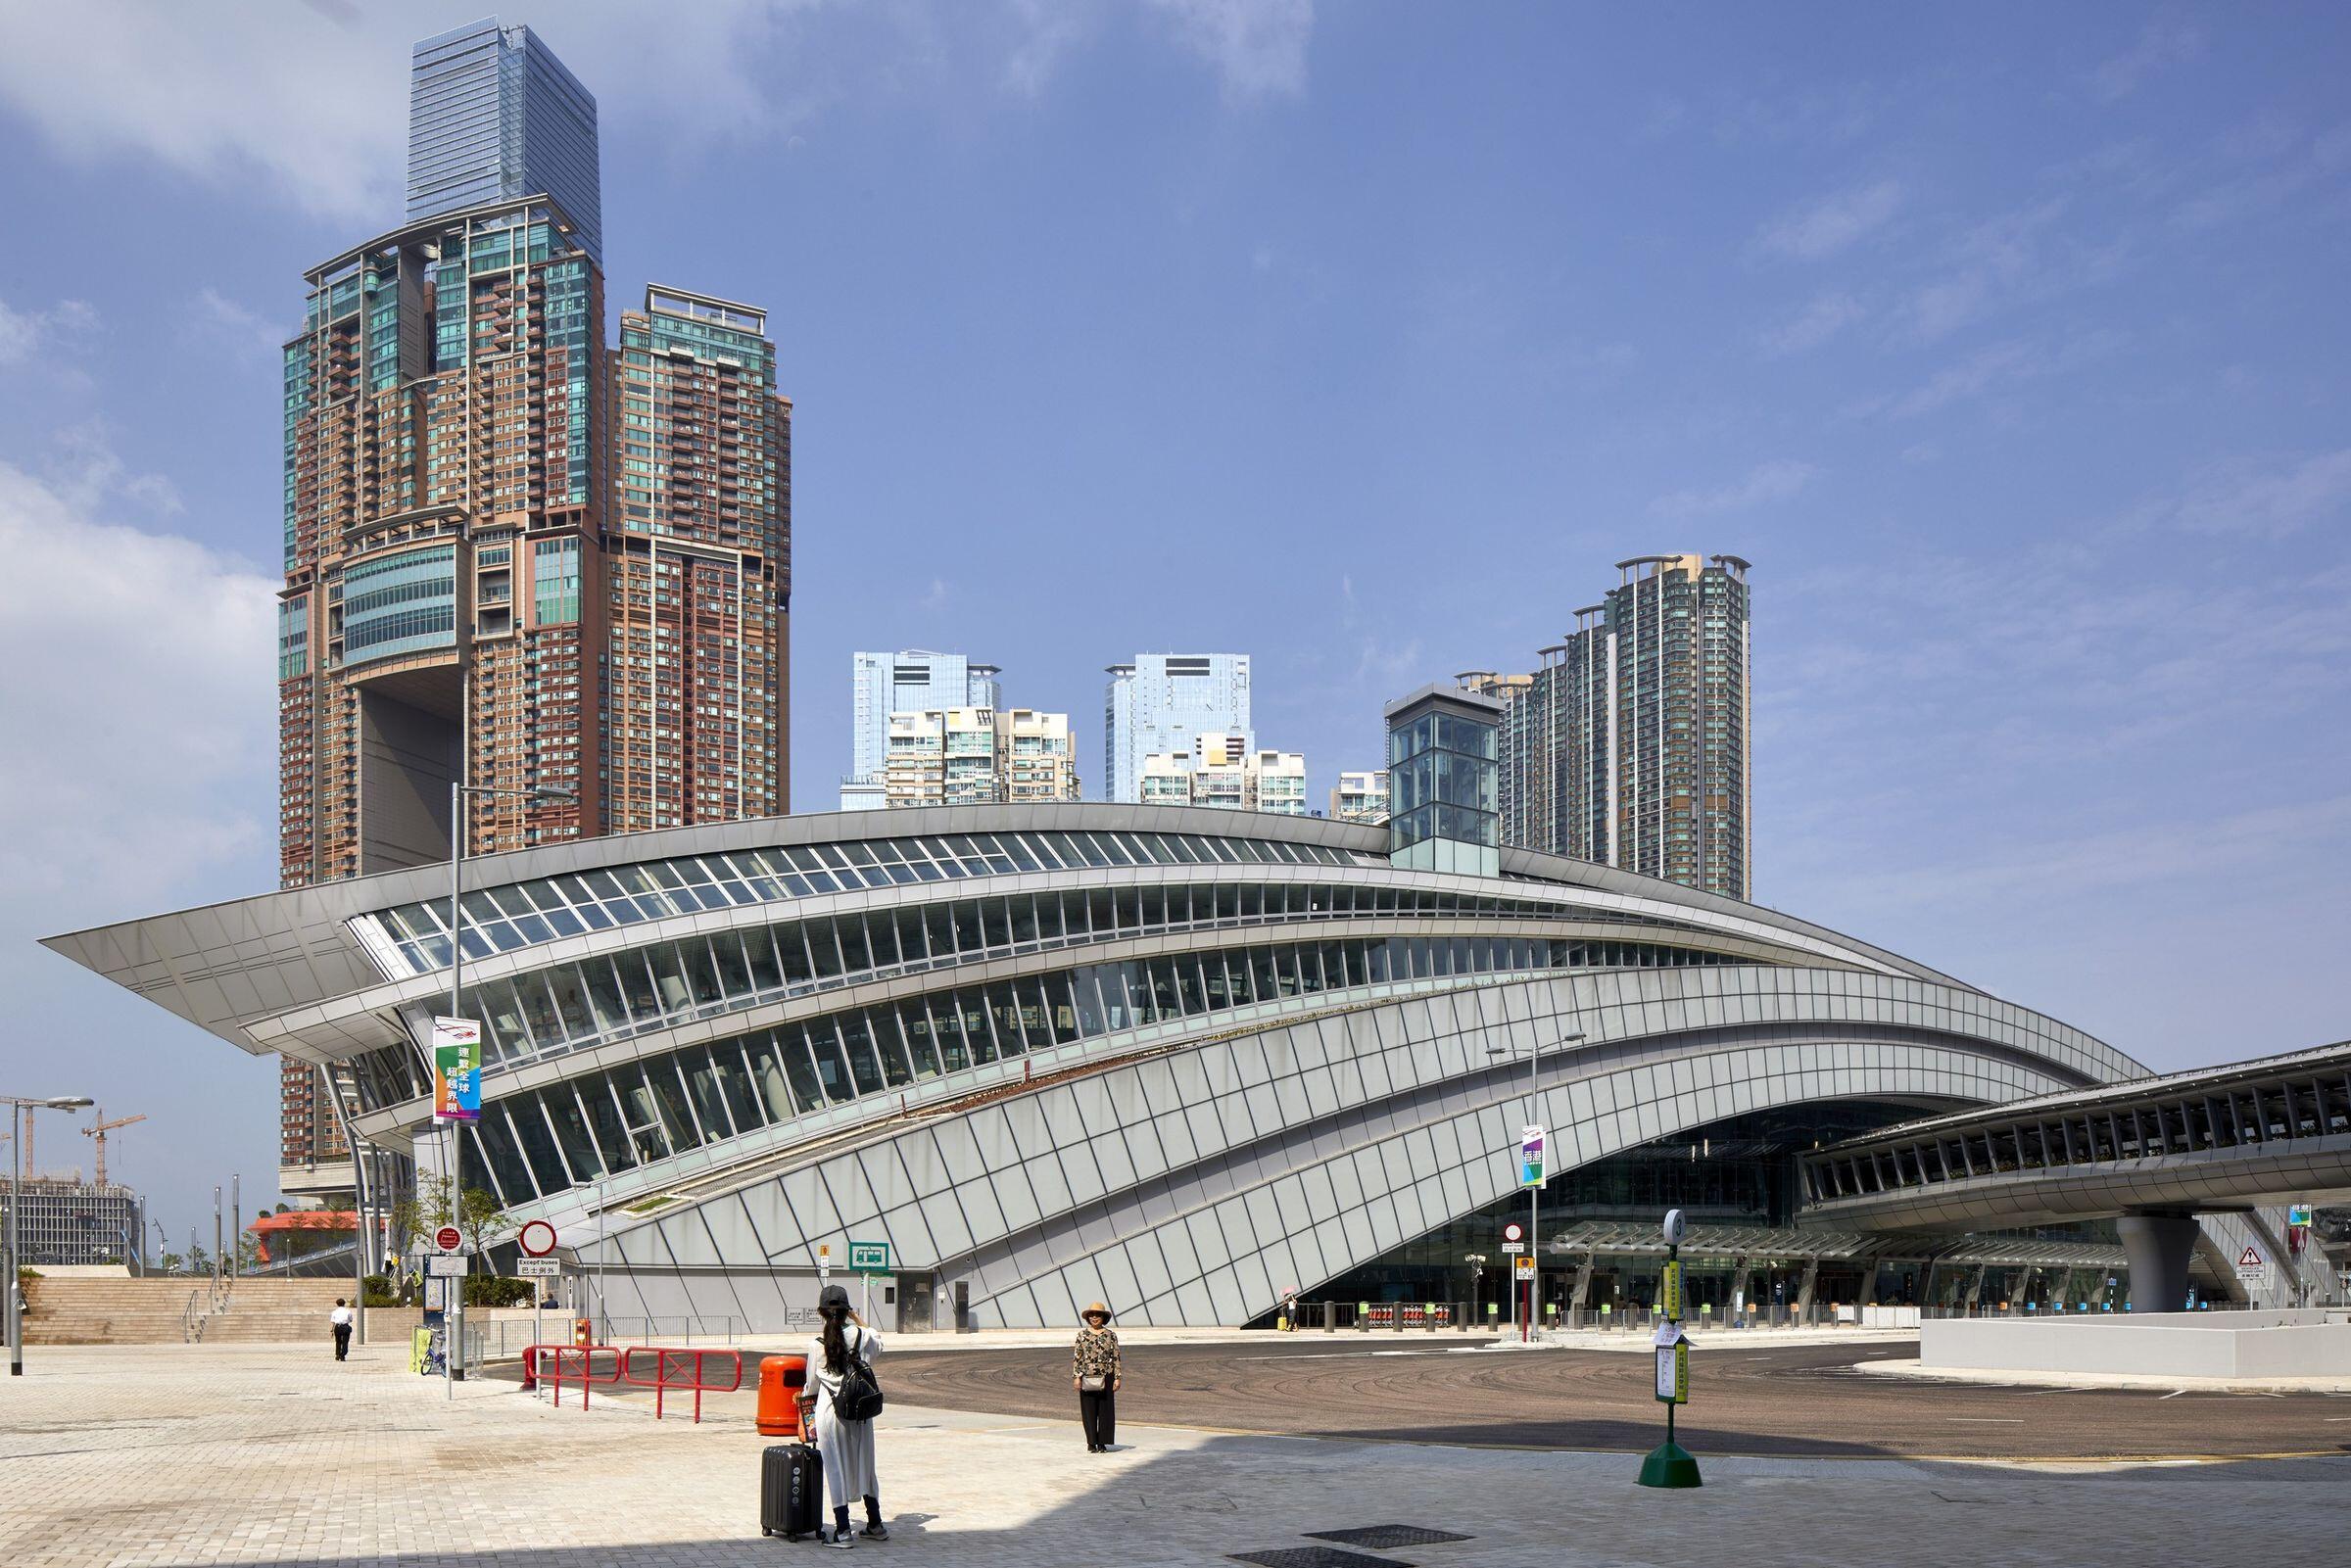 Hong Kong West Kowloon Station